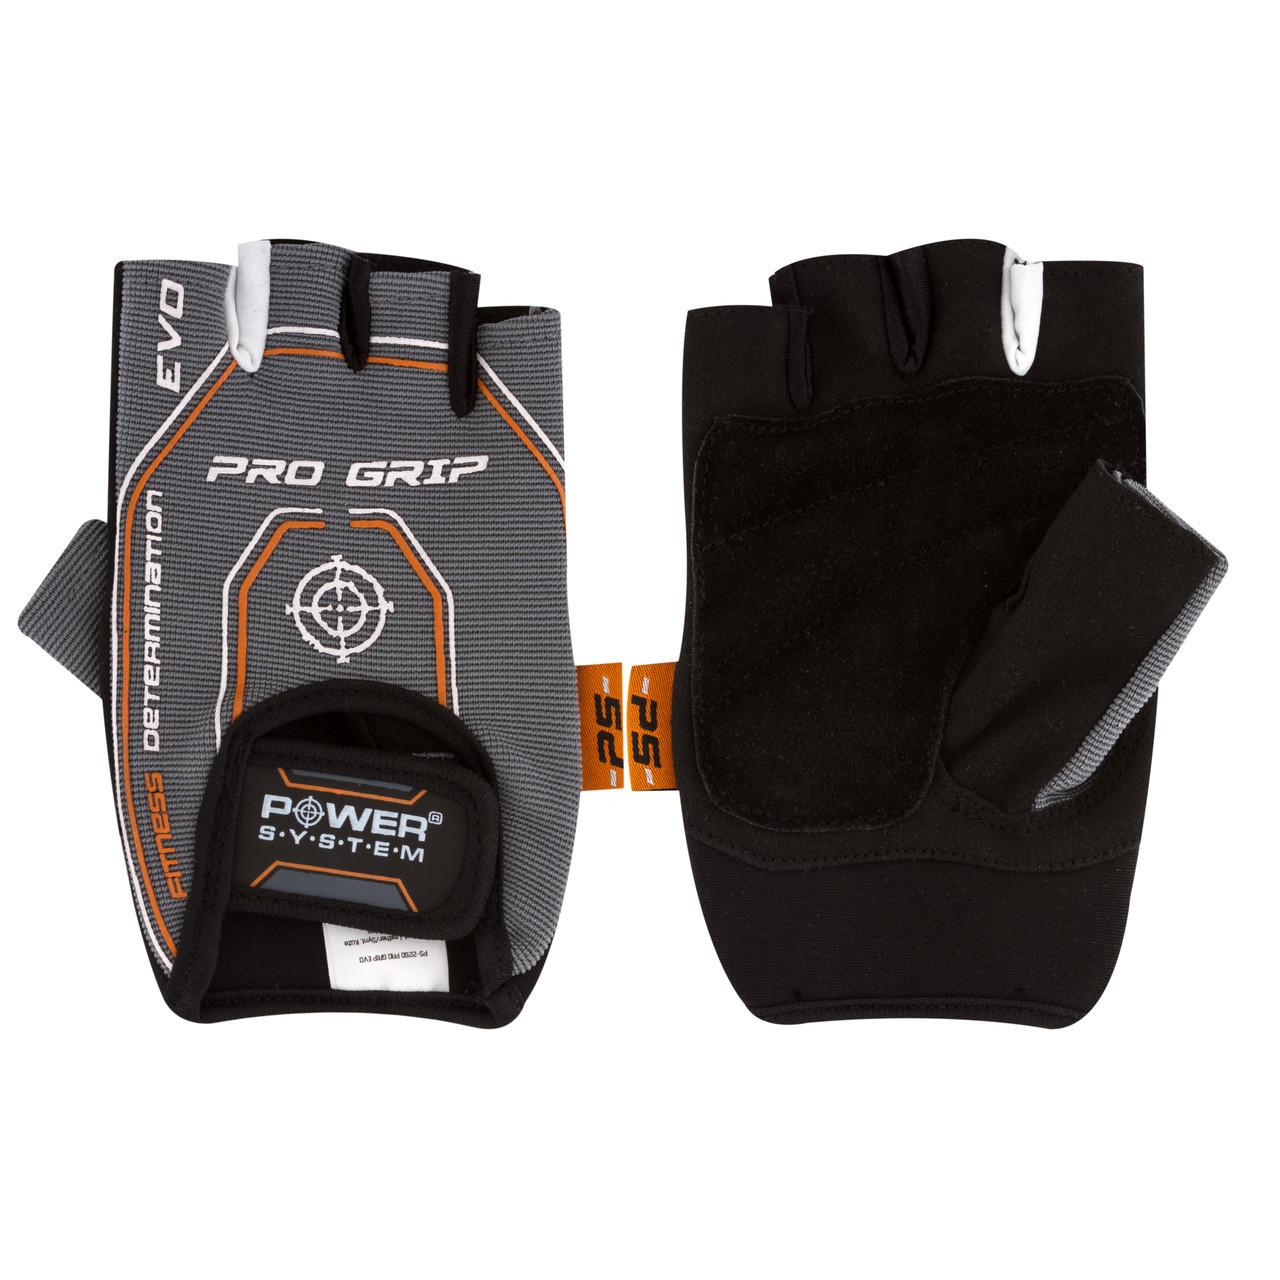 Перчатки для фитнеса и тяжелой атлетики Power System Pro Grip EVO PS-2250E L Grey